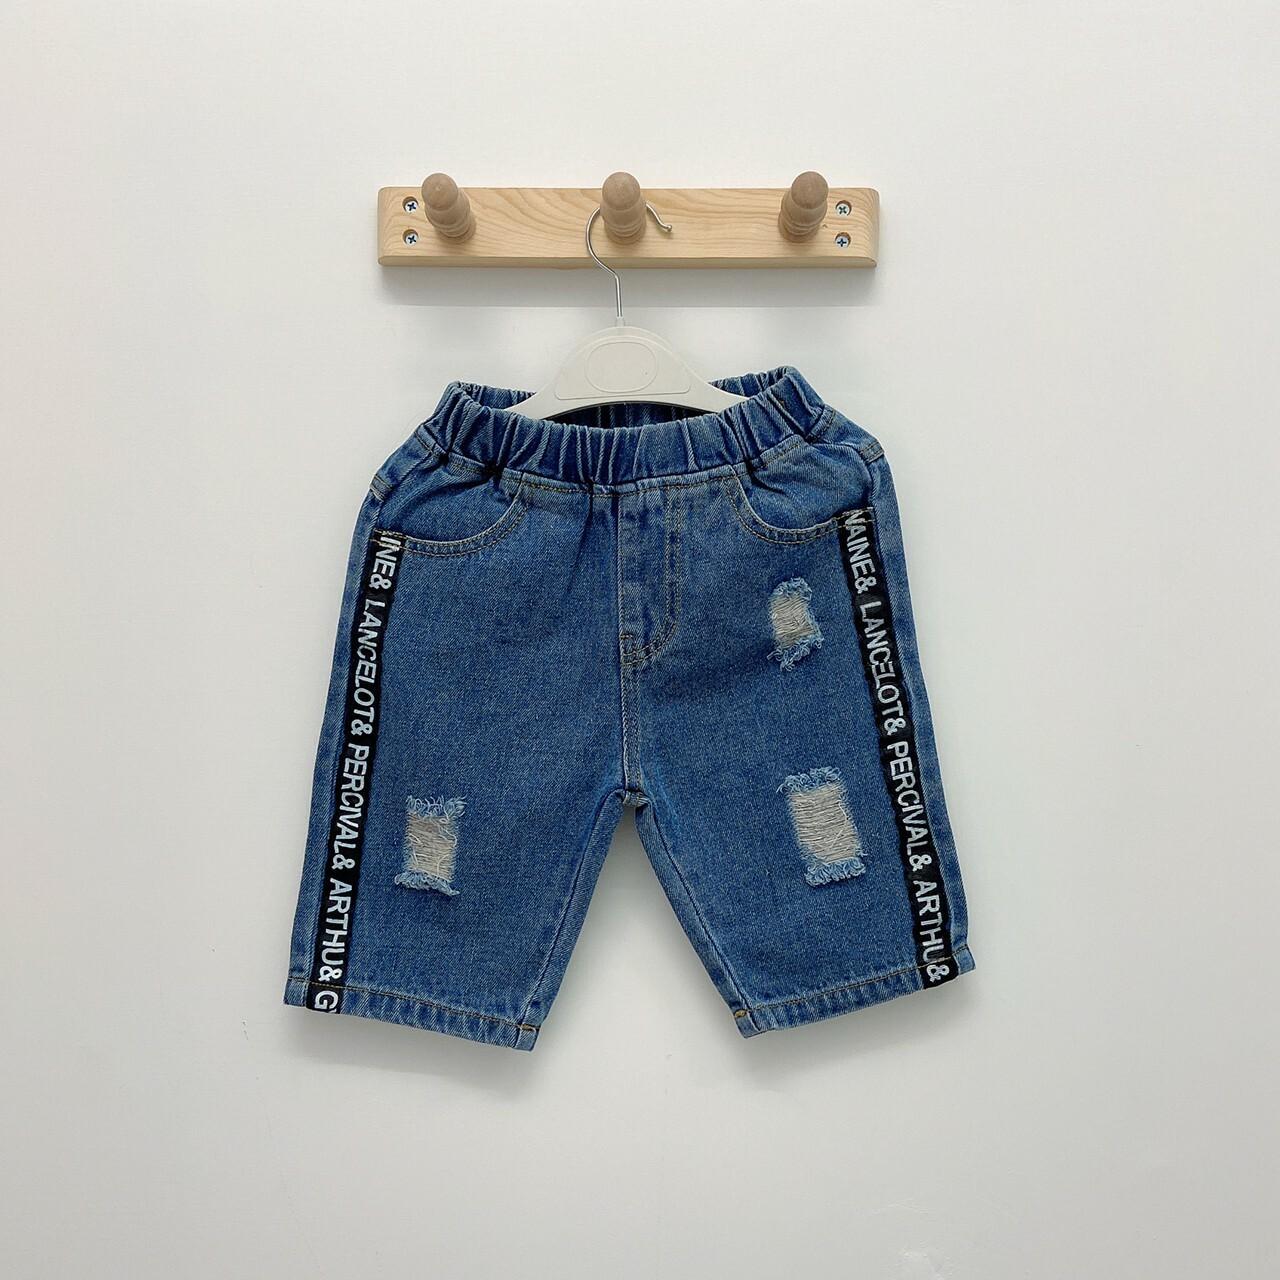 褲裙短 五~七分褲_210803_15.jpg